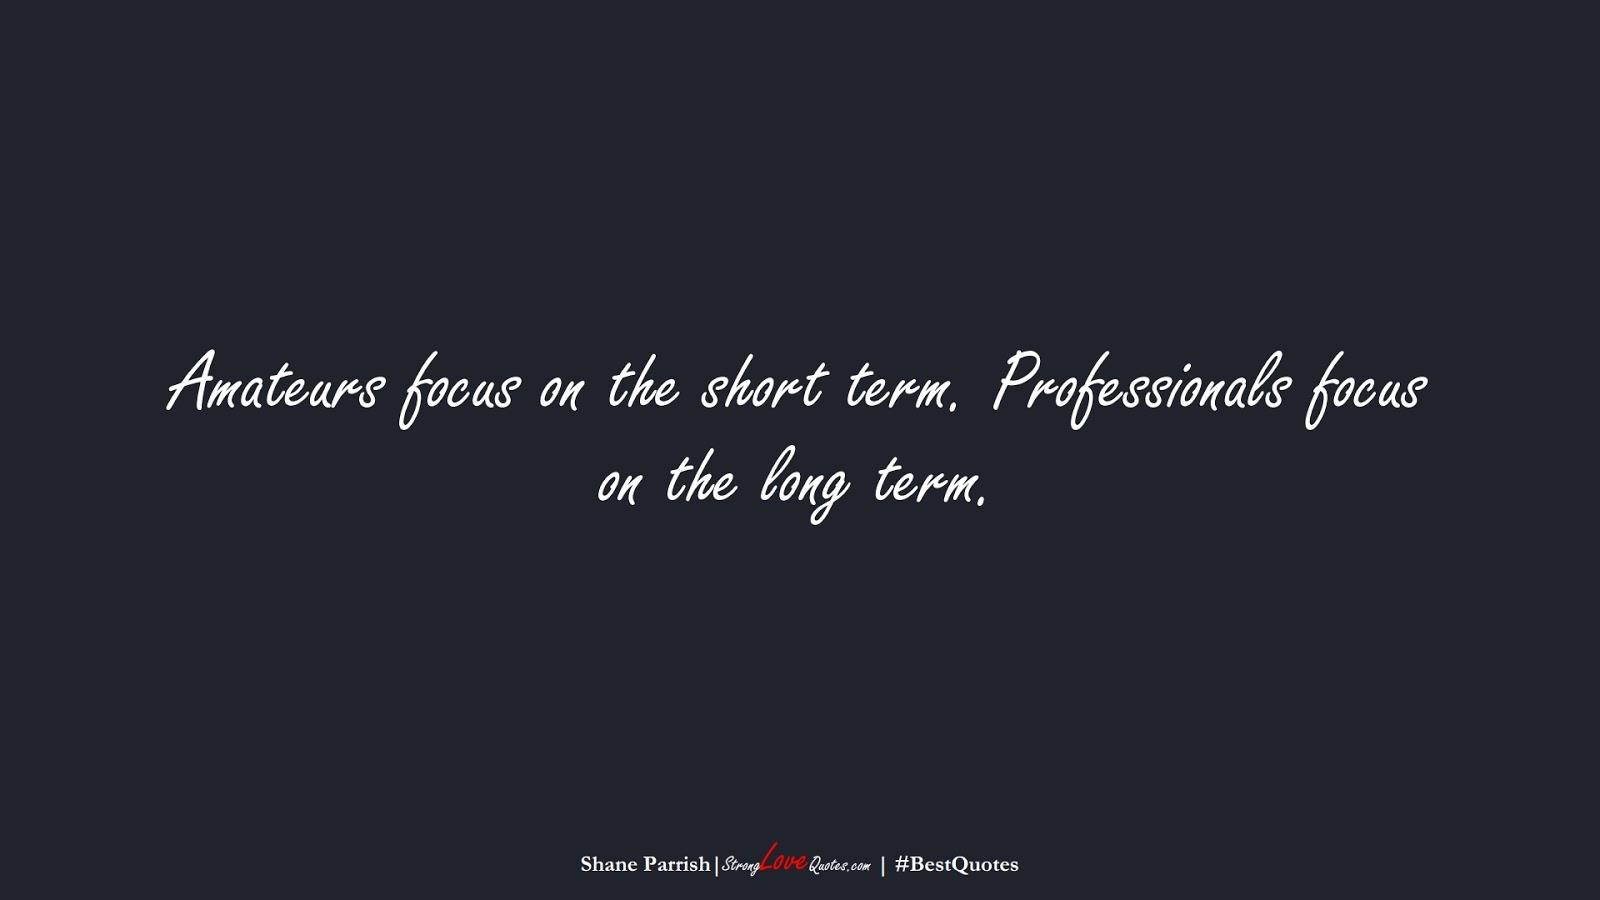 Amateurs focus on the short term. Professionals focus on the long term. (Shane Parrish);  #BestQuotes